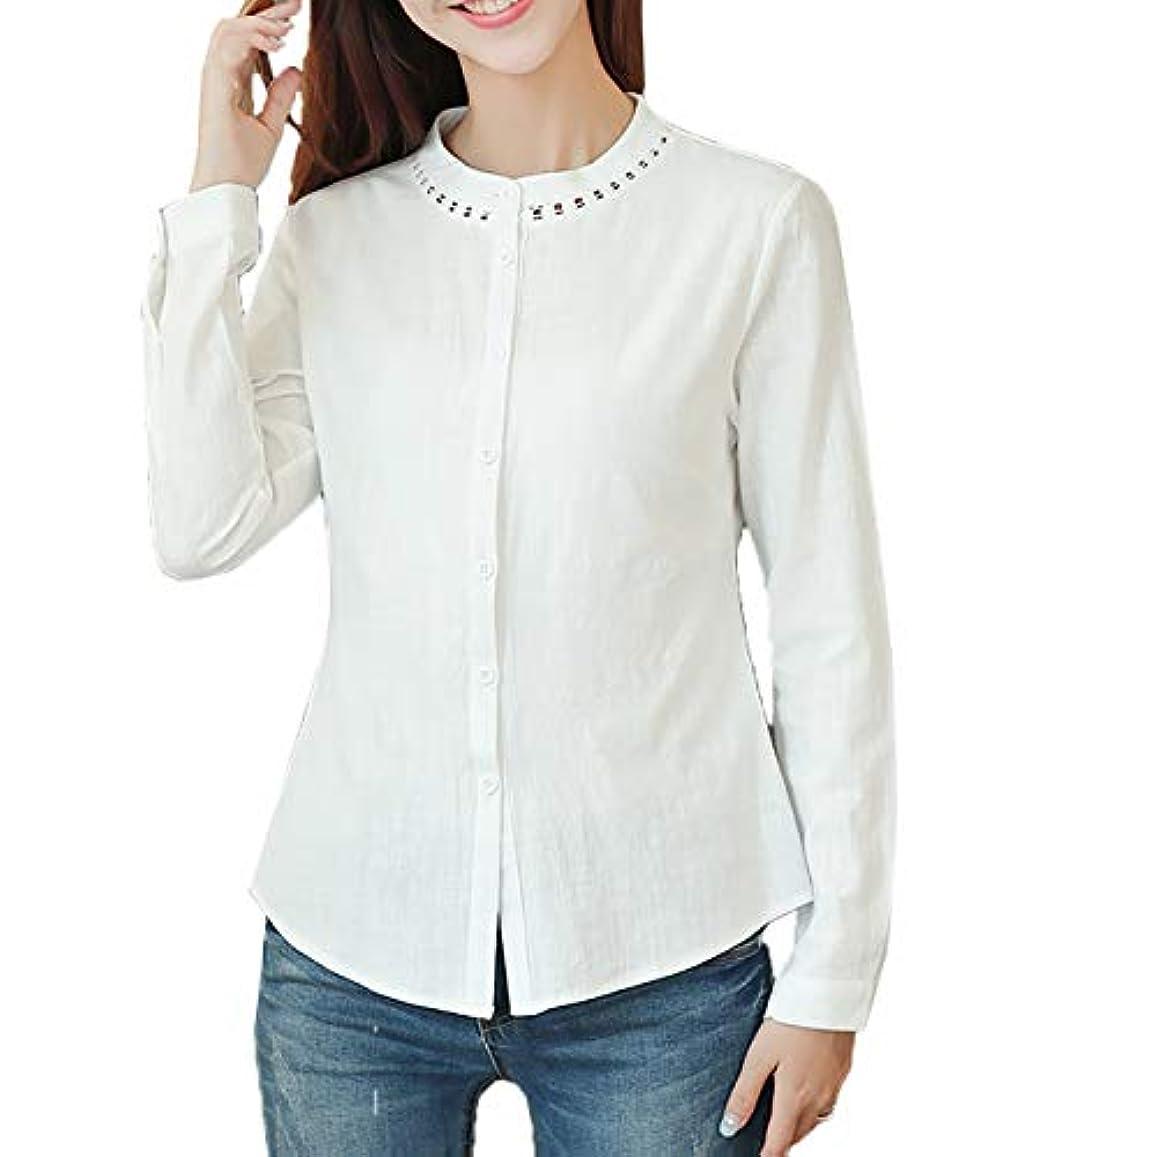 バッテリーミニチュア植物学者[ココチエ] ブラウス シャツ レース スタンドカラー レディース 白 おしゃれ 長袖 ビジネス 7分 七分袖 かわいい カジュアル